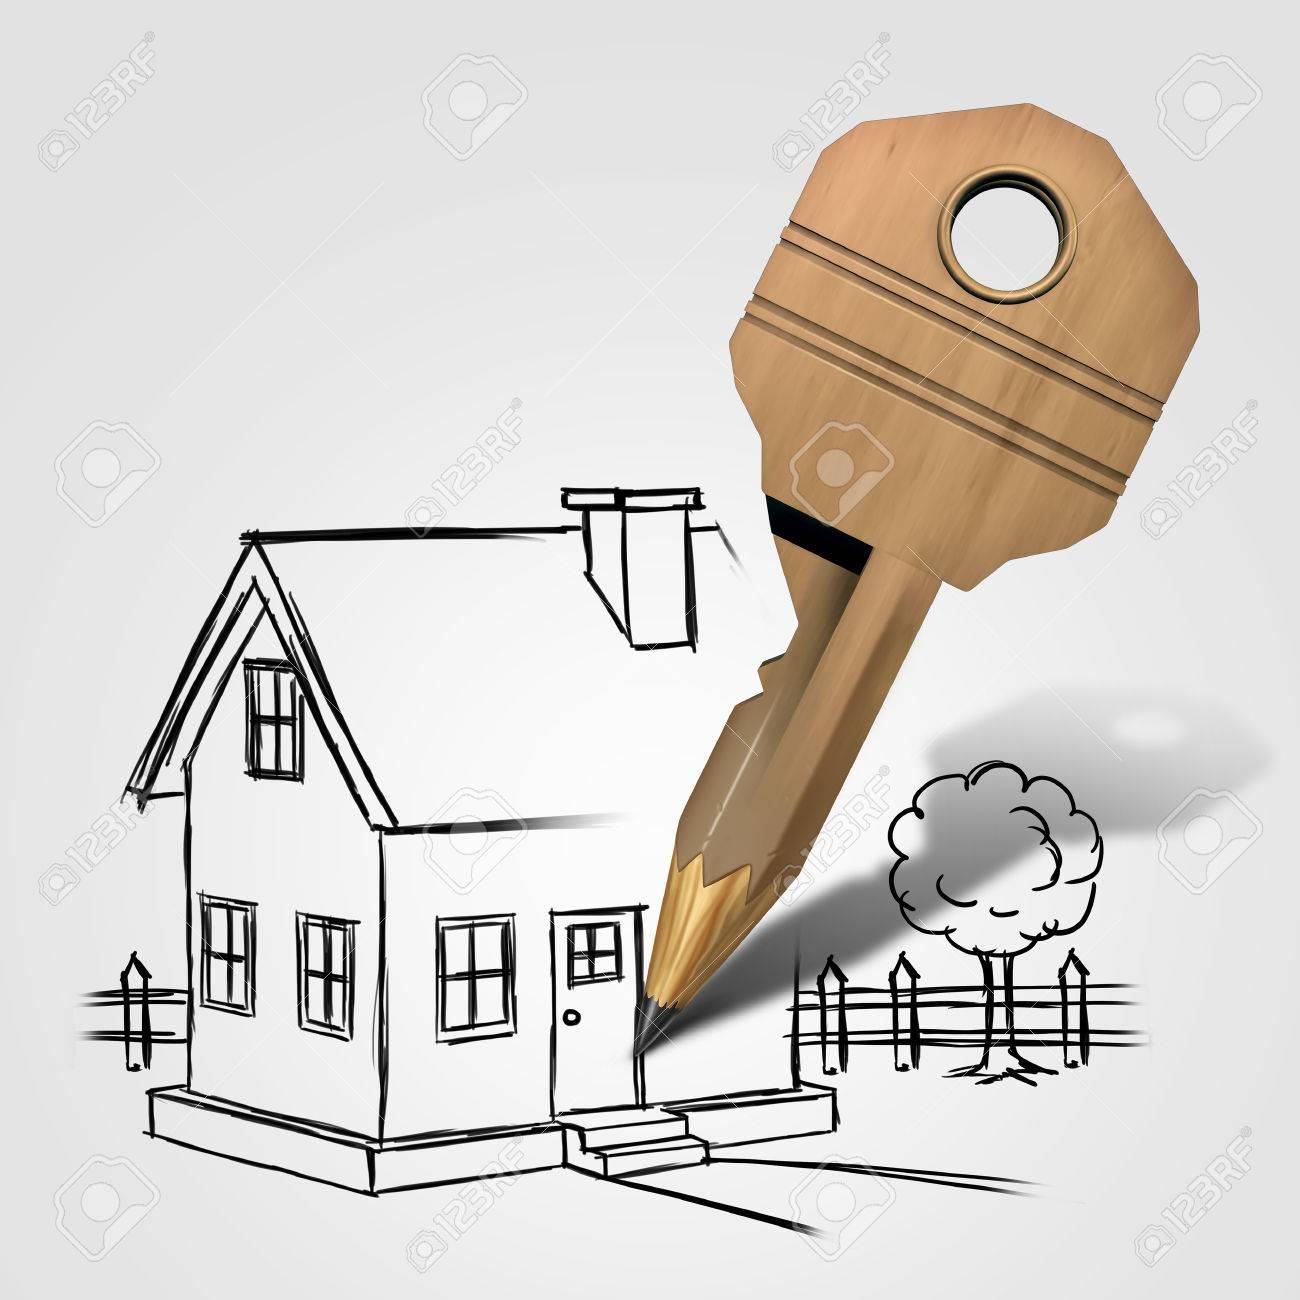 Maison dessin clé et la planification dun concept de solution à la maison de la famille comme un objet de verrouillage en forme de crayon à dessiner une